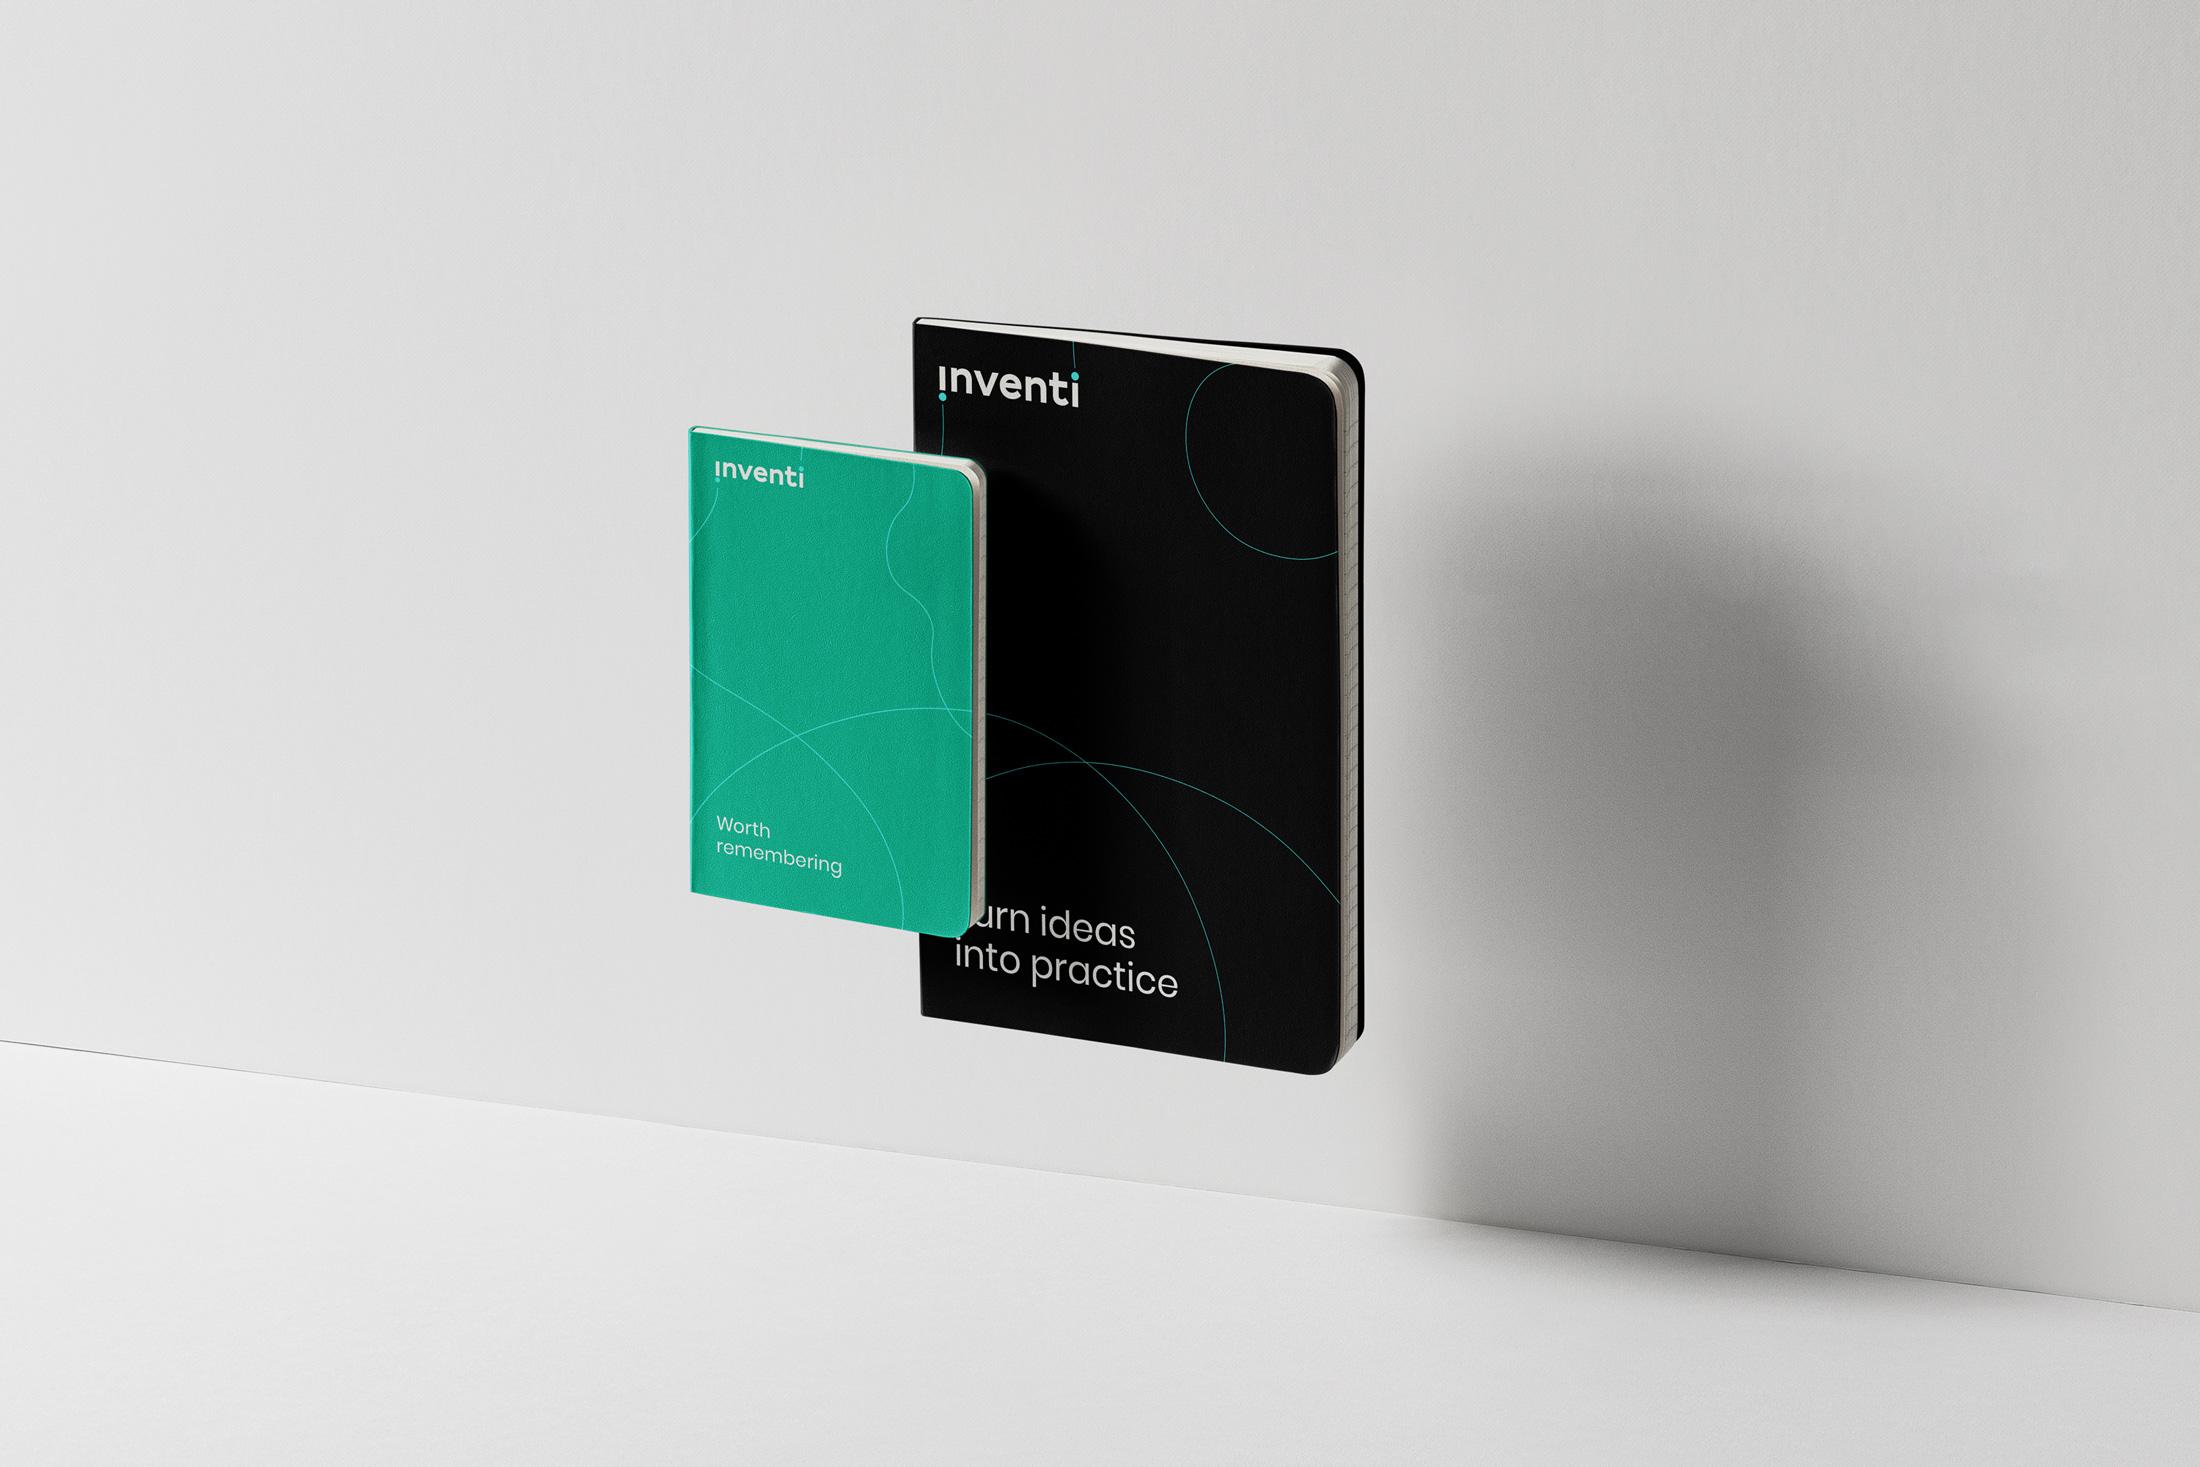 Inventi_notebook_2